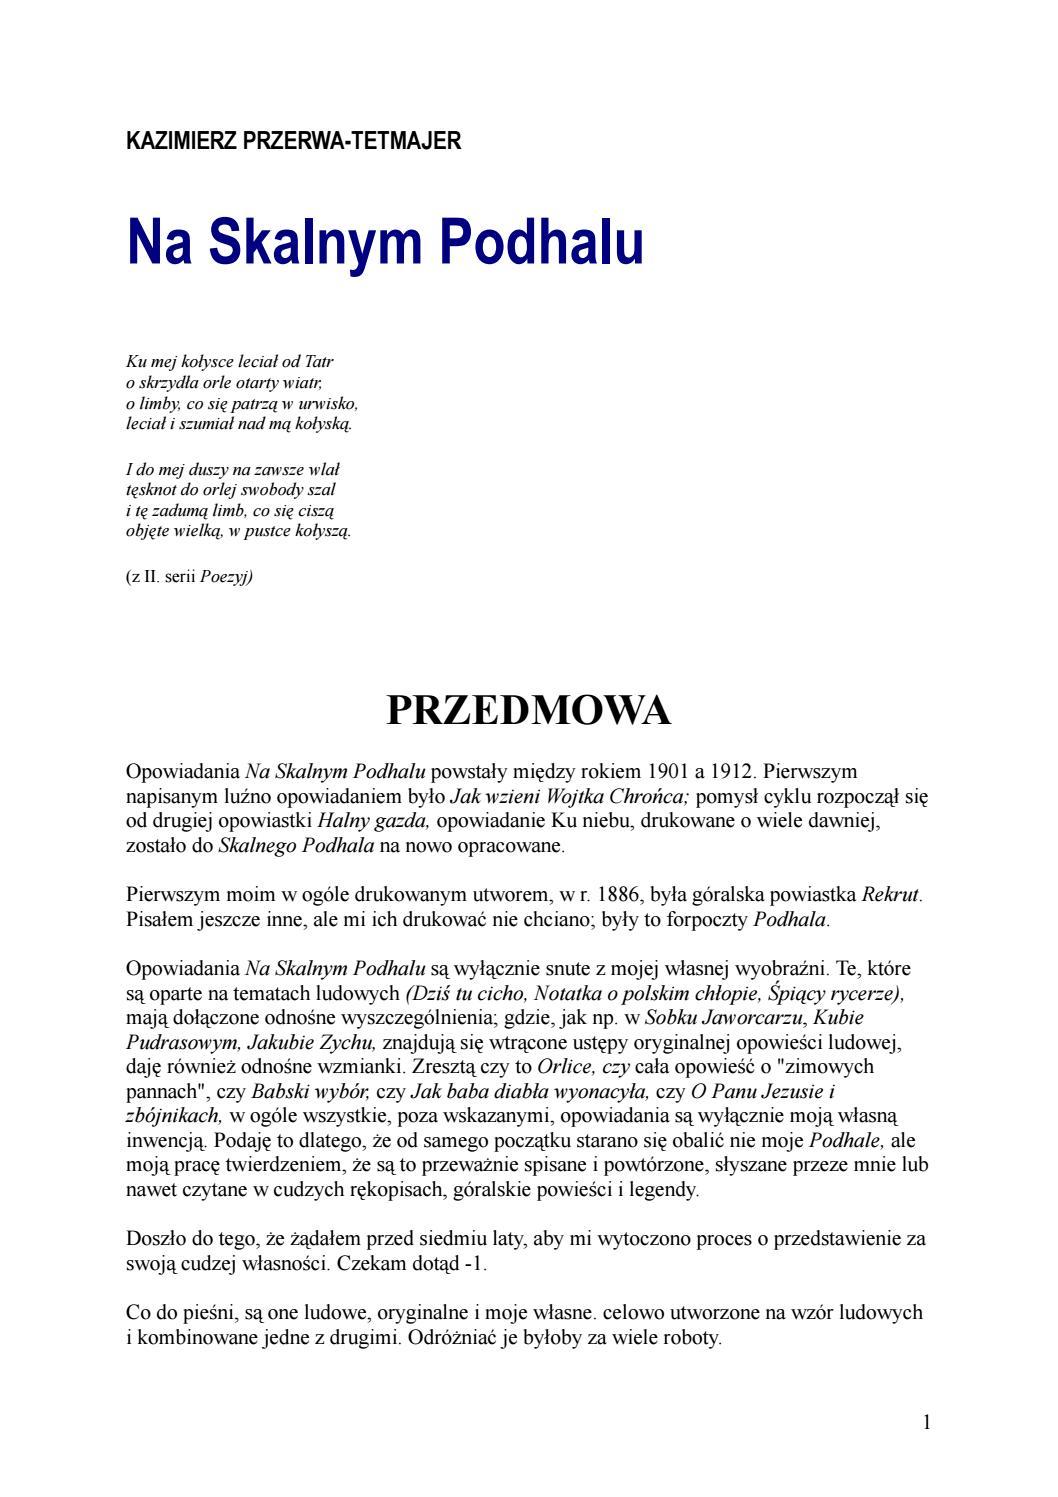 c203c316b13530 Kazimierz przerwa tetmajer na skalnym podhalu by ciotas - issuu